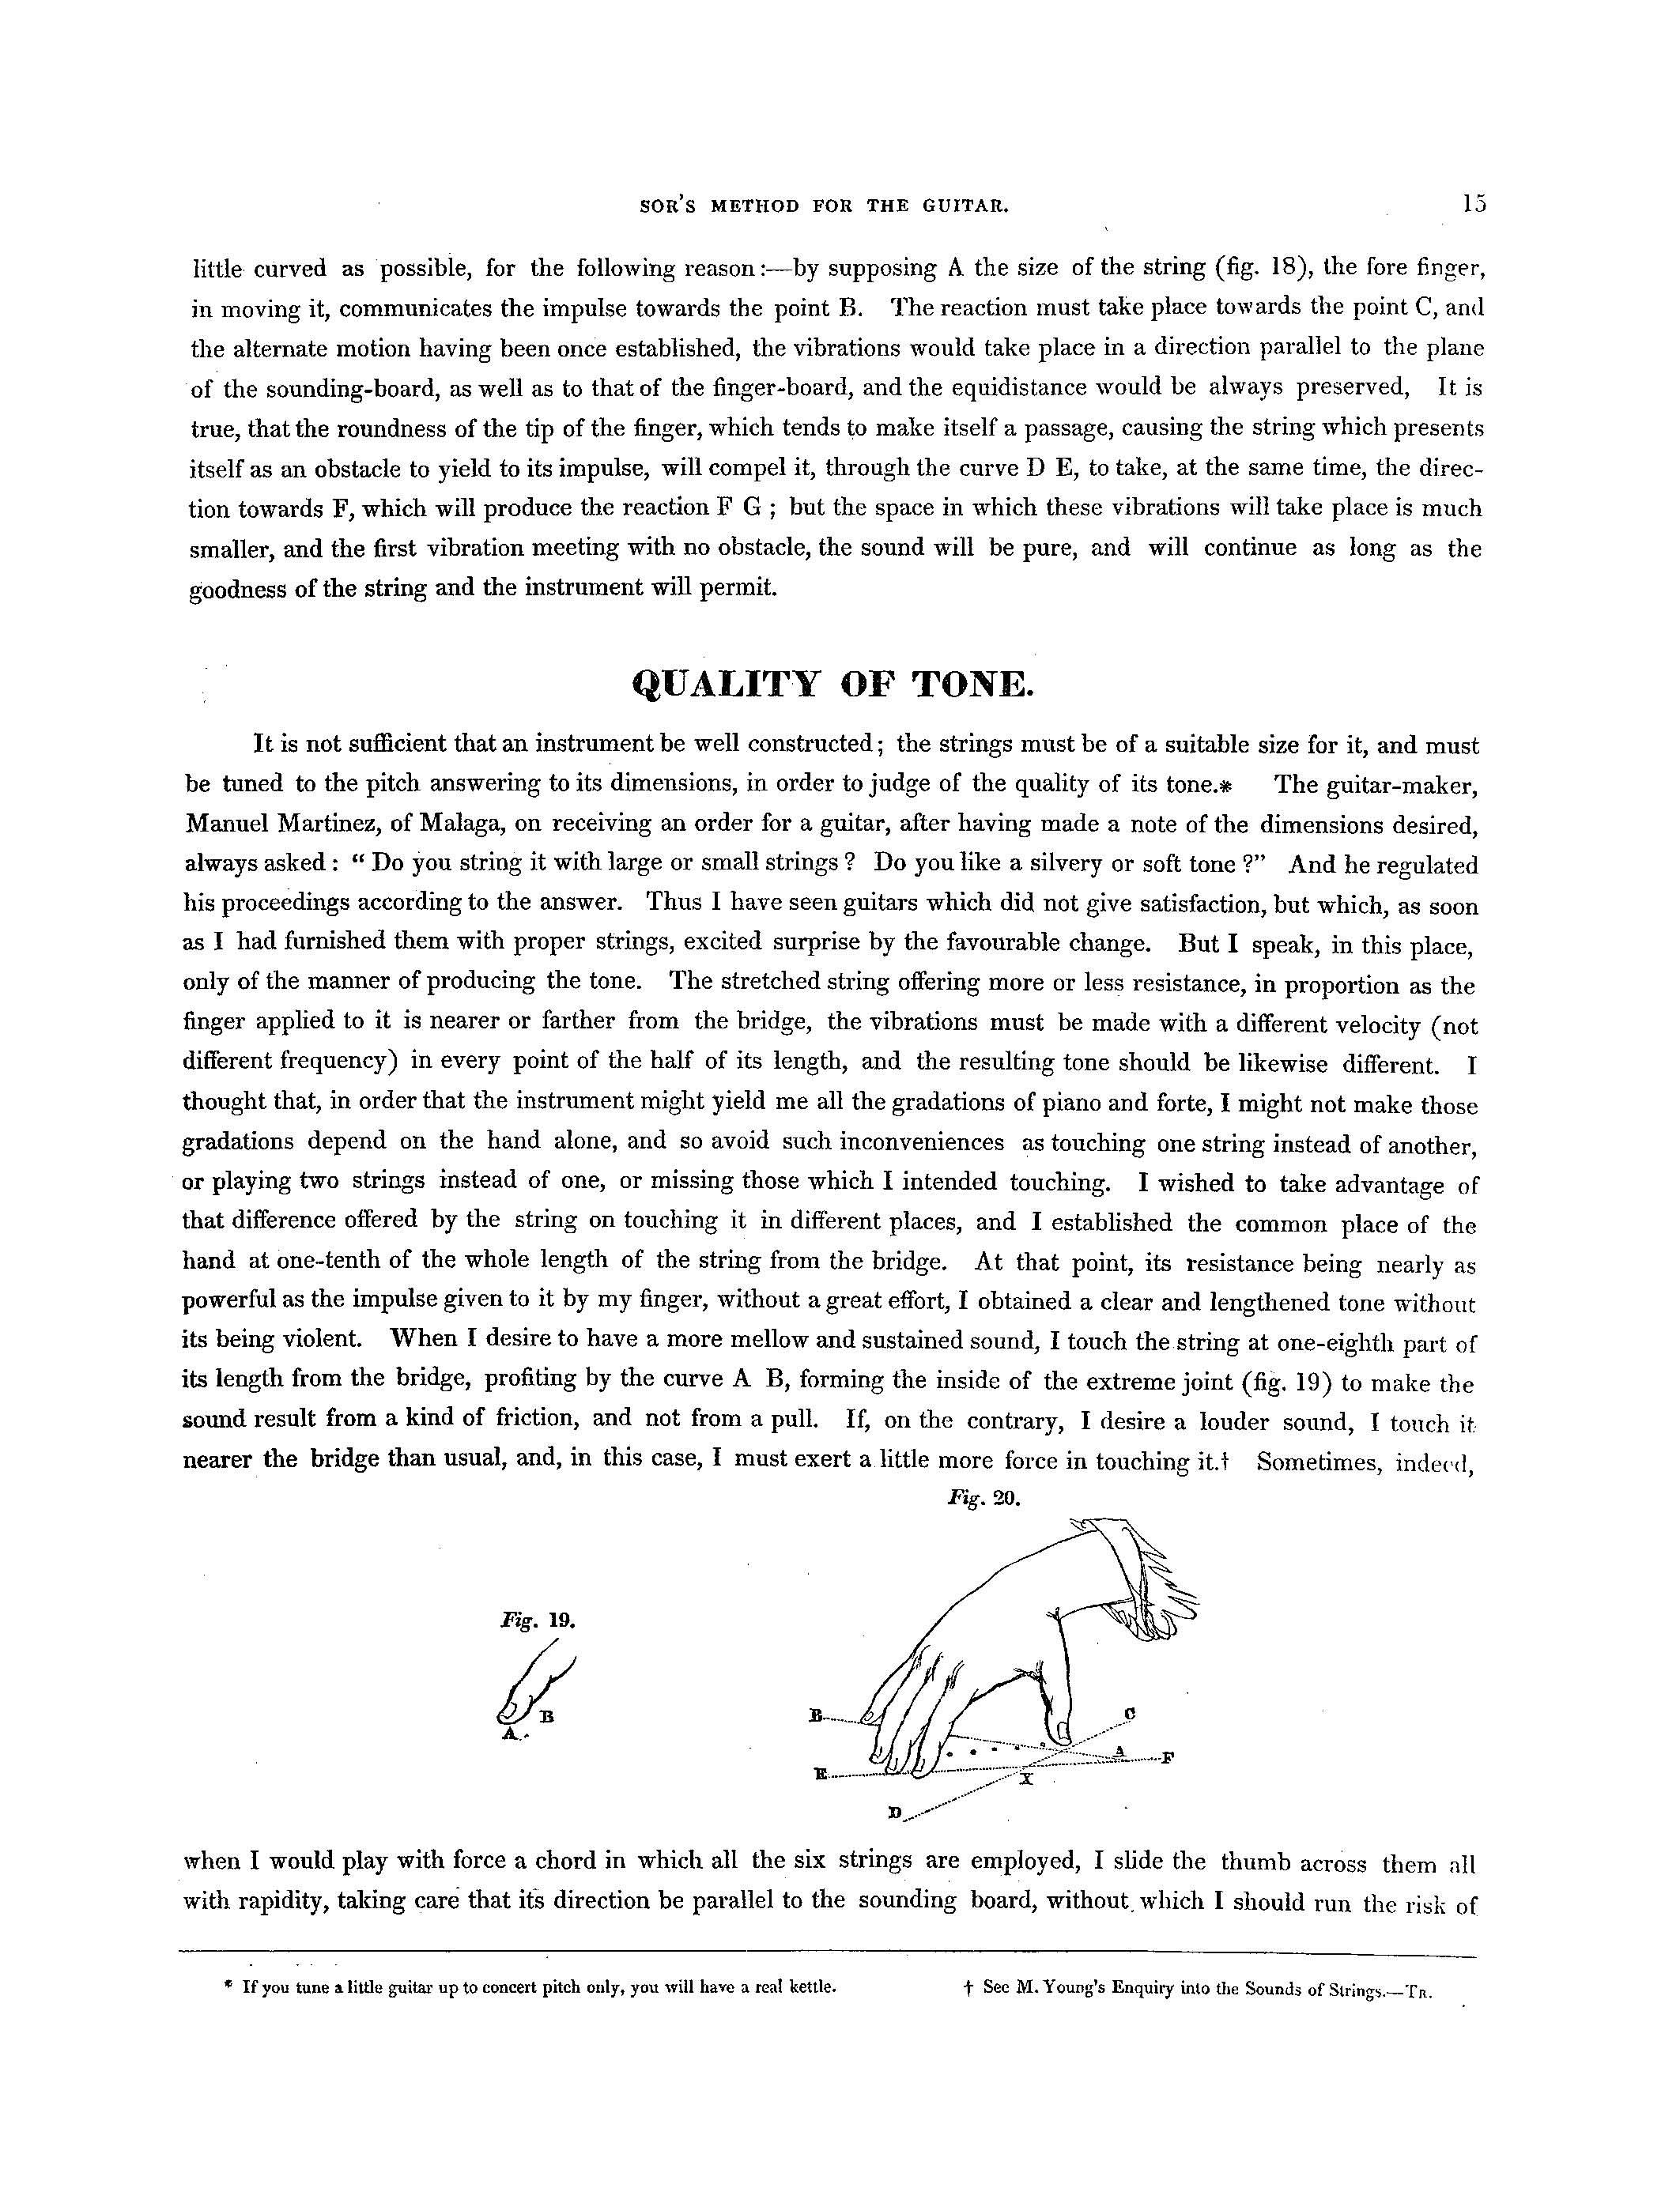 Sor Method - English edition_Page_15.jpg